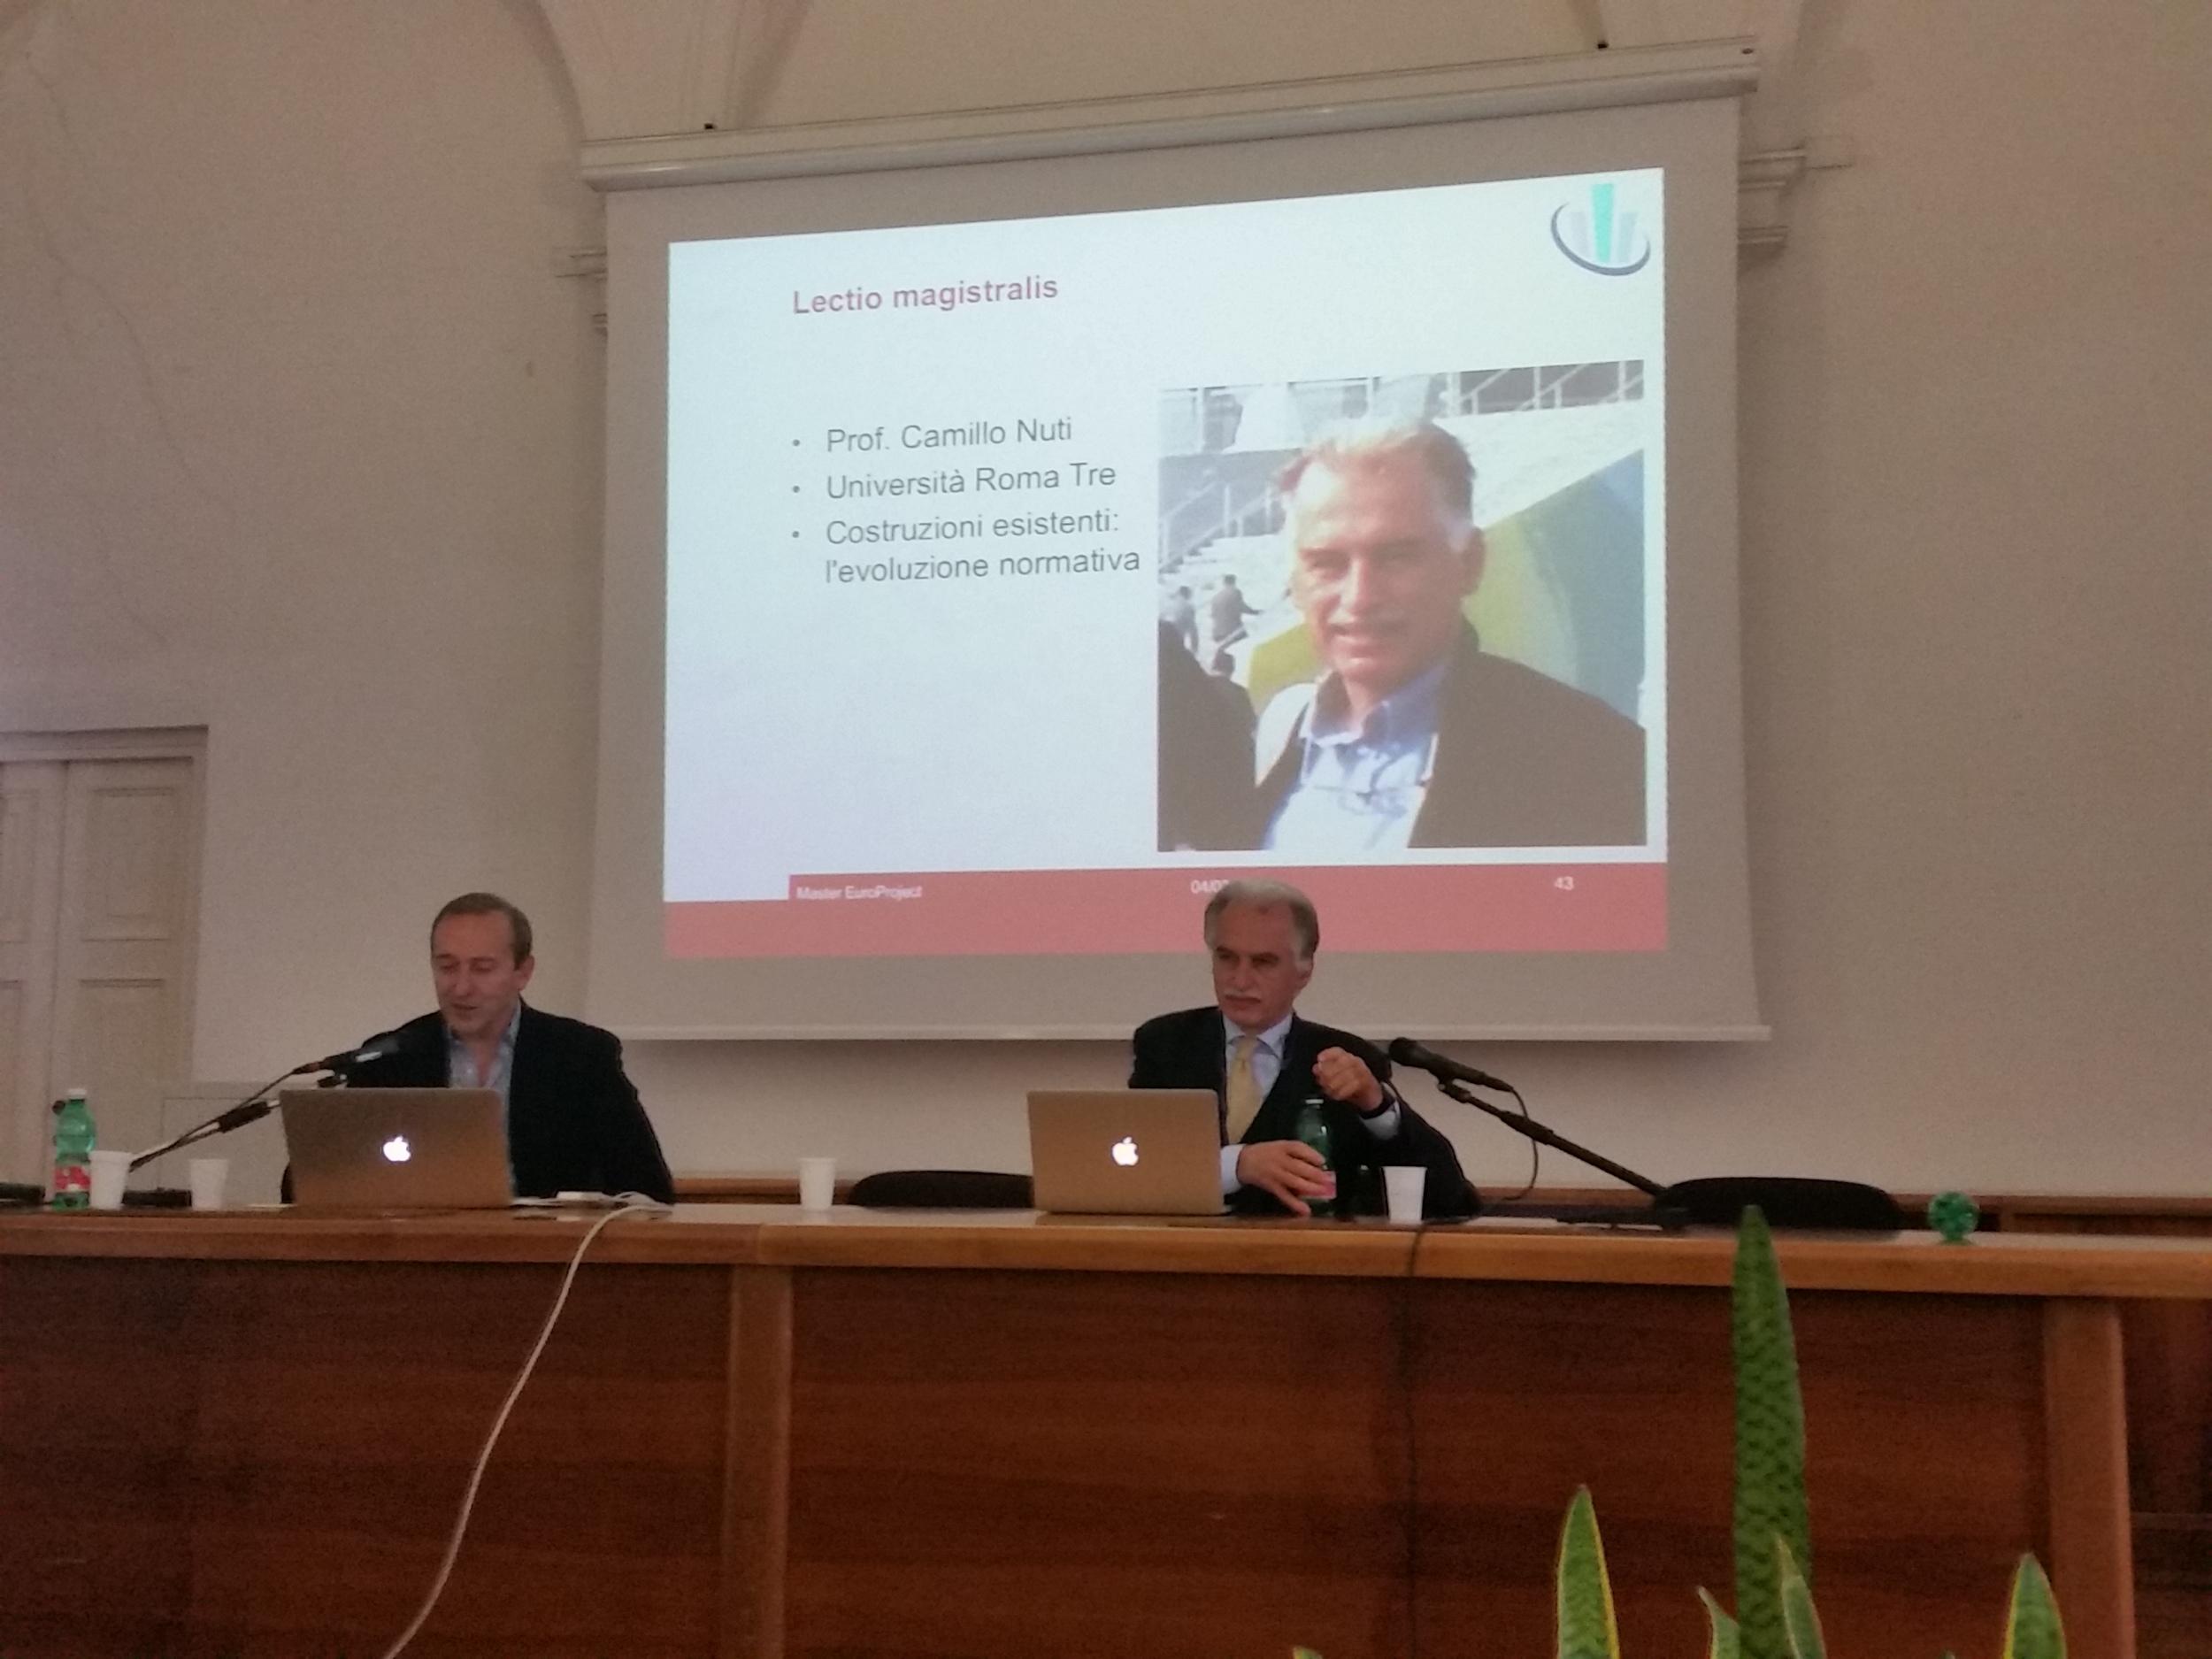 Il prof. Giorgio Monti introduce la Lectio Magistralis del prof. Camillo Nuti.